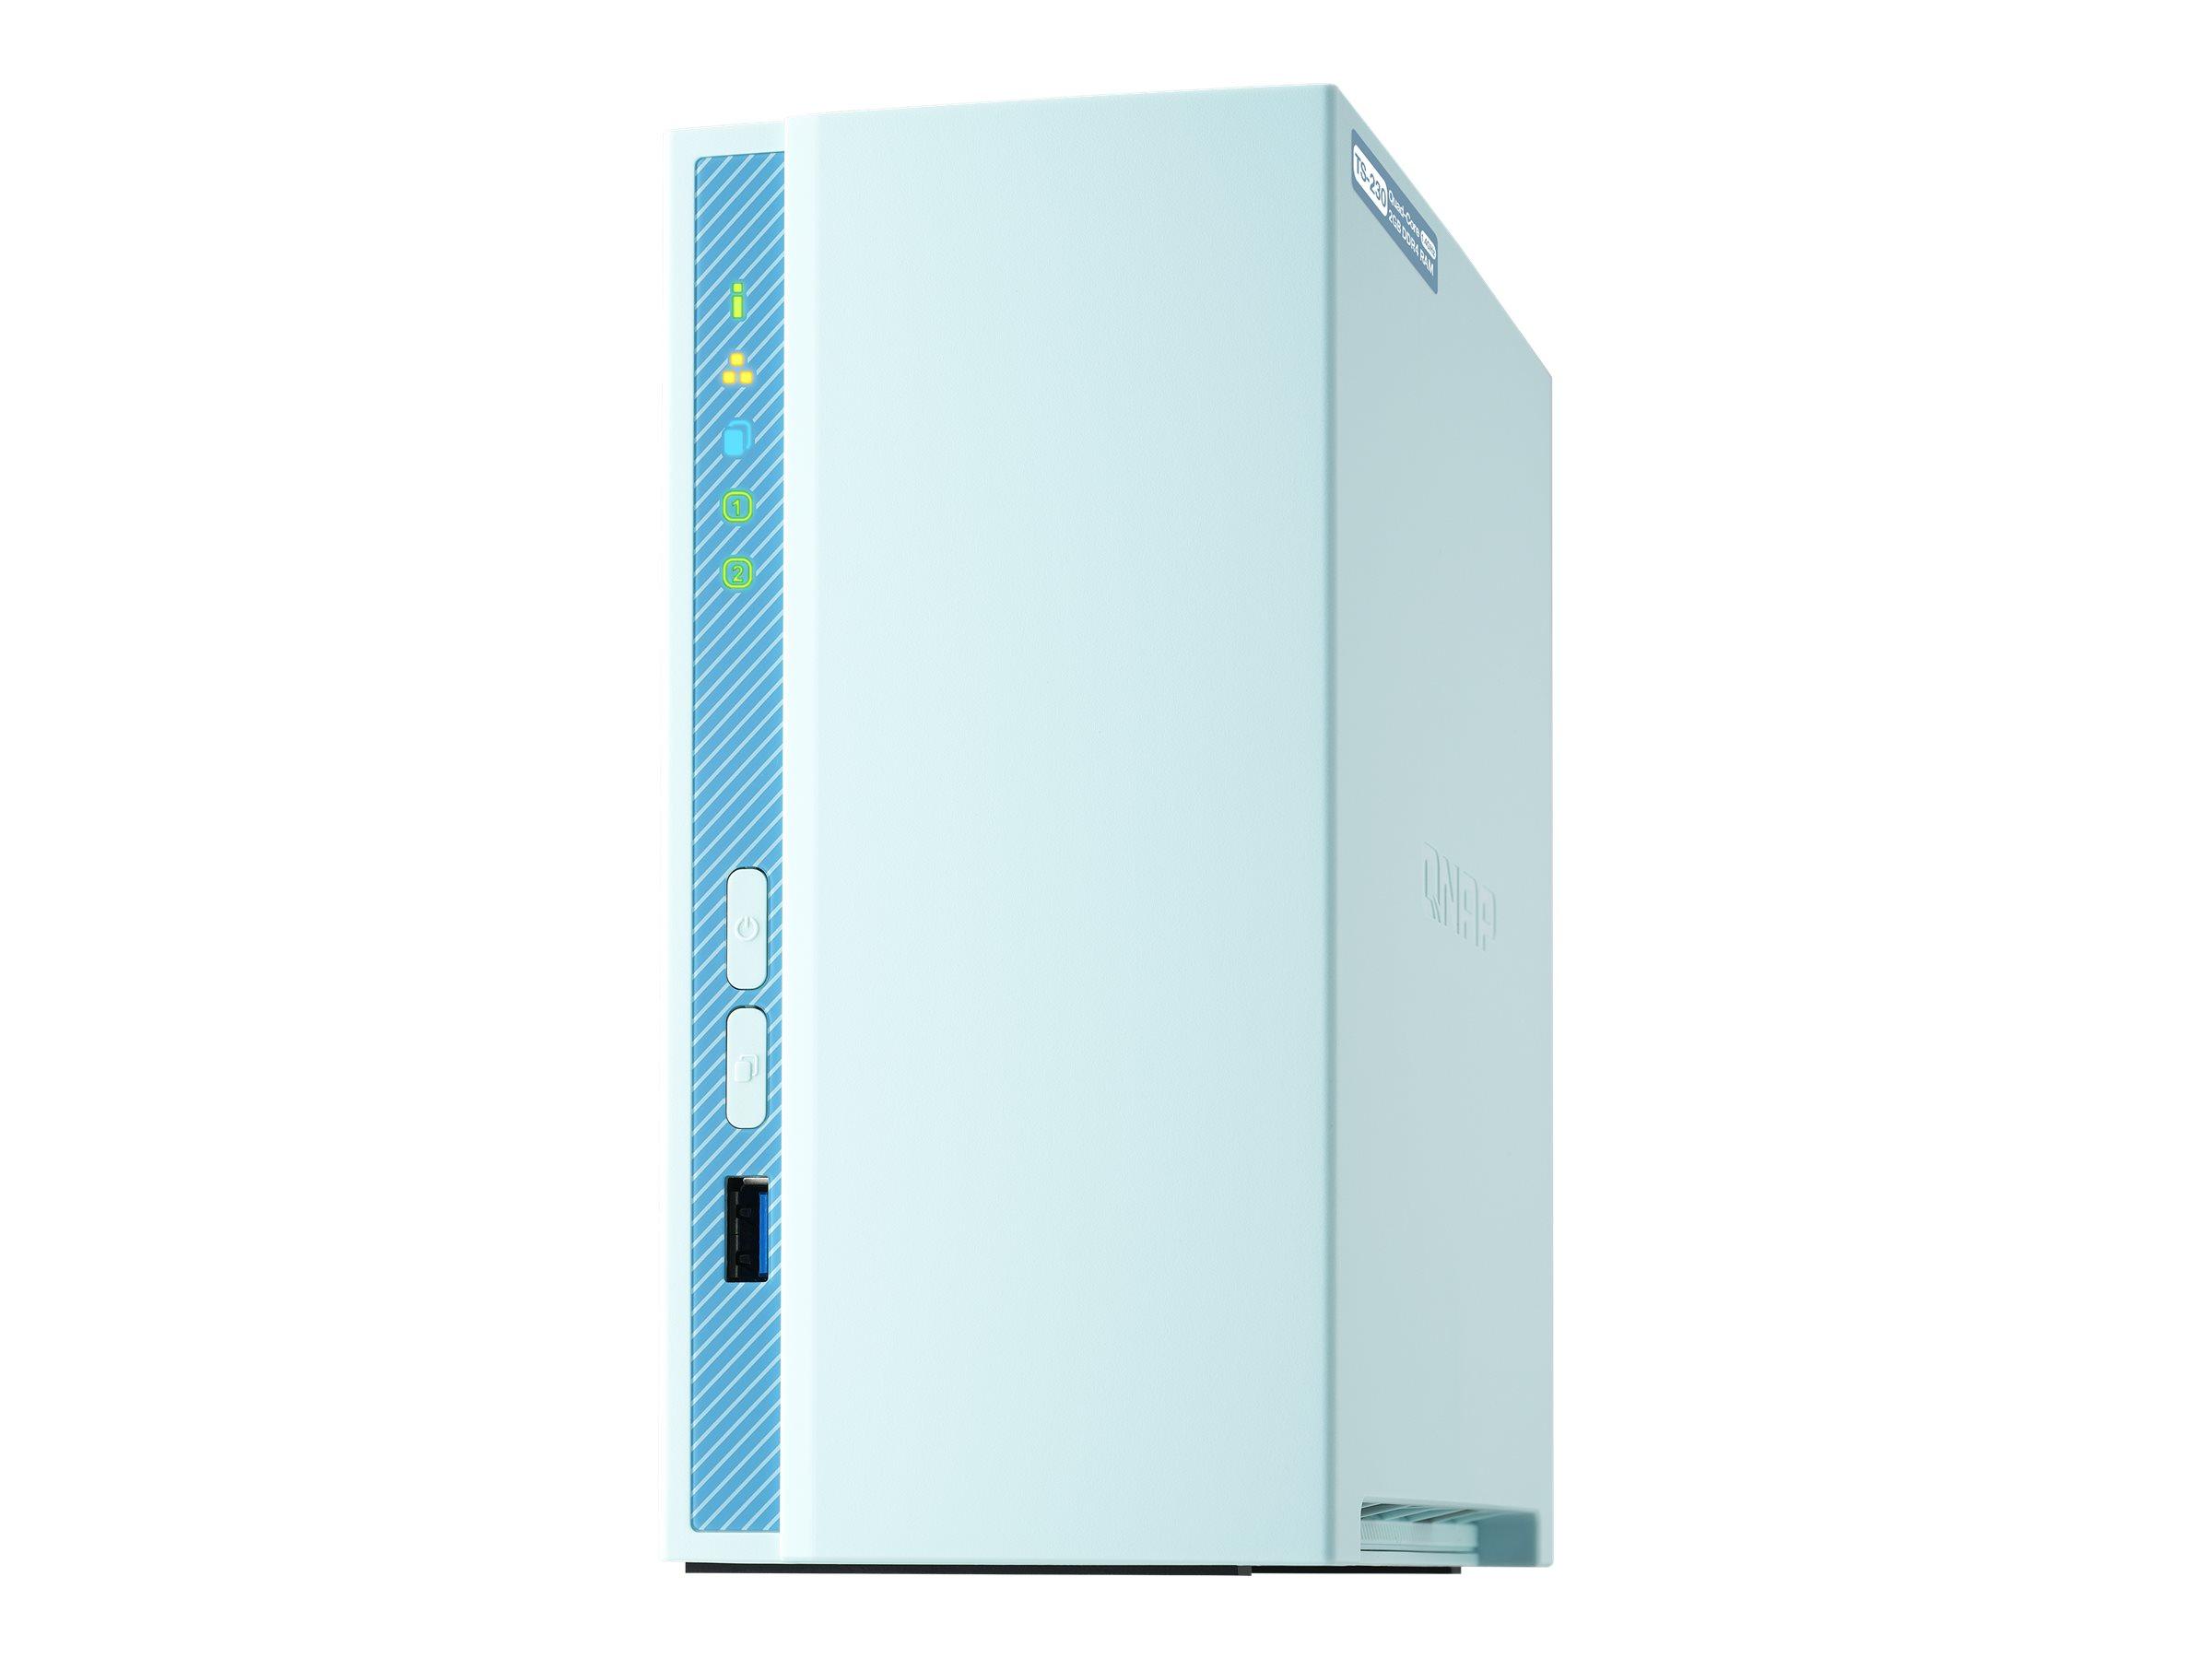 QNAP TS-230 - Ger?t f?r pers?nlichen Cloudspeicher